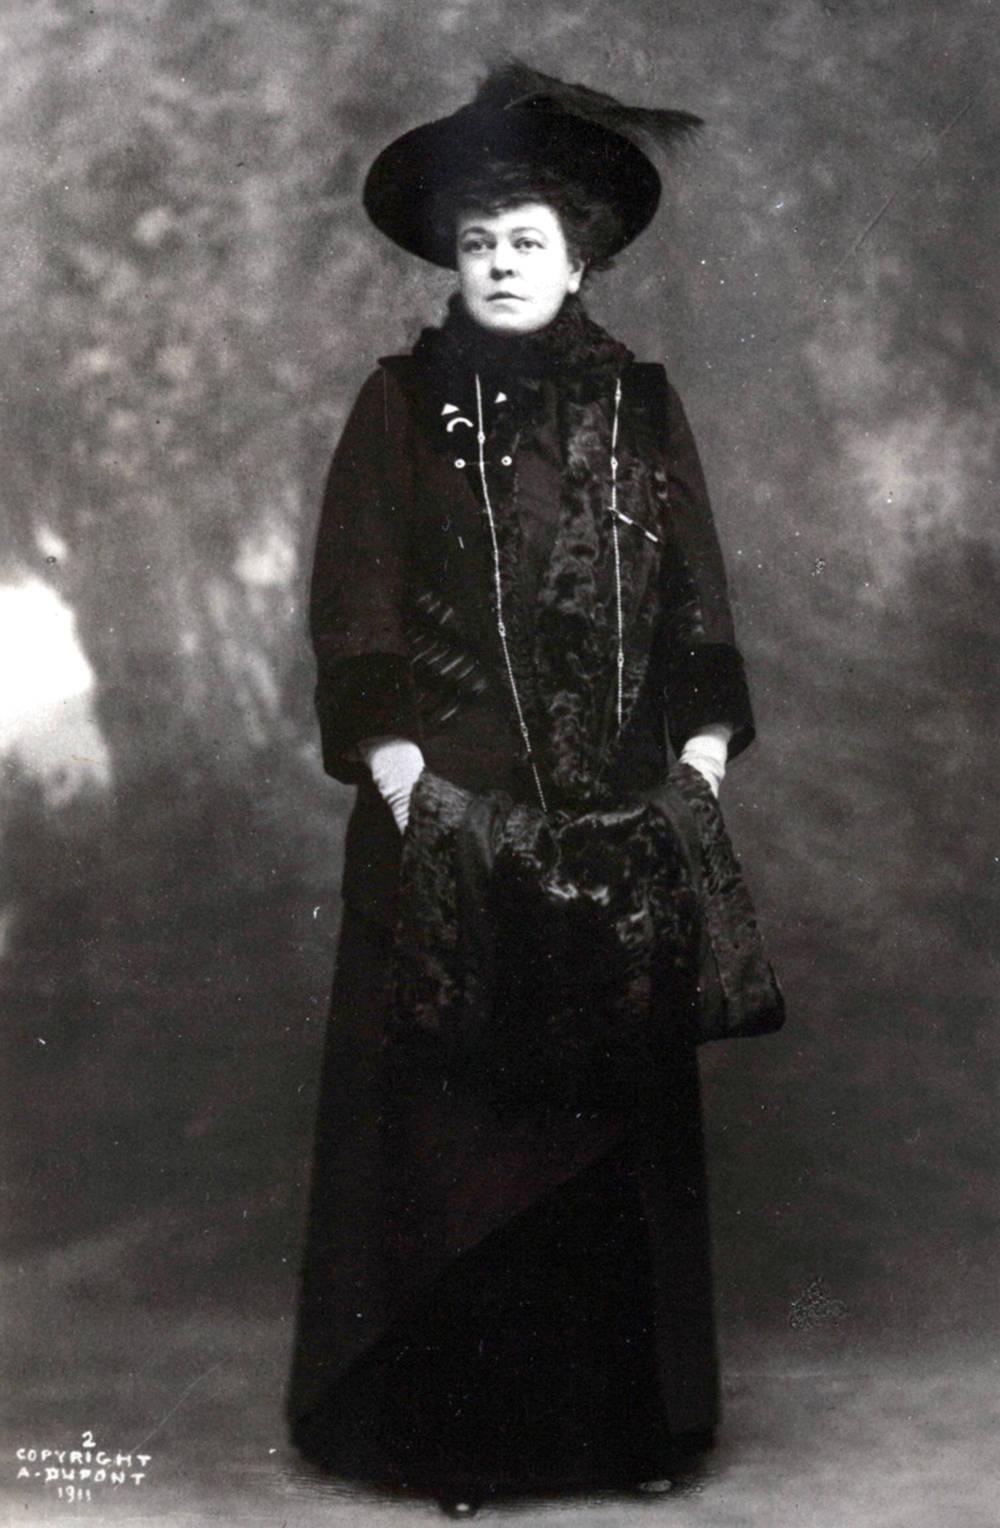 Alva Vanderbilt Belmont, 1911